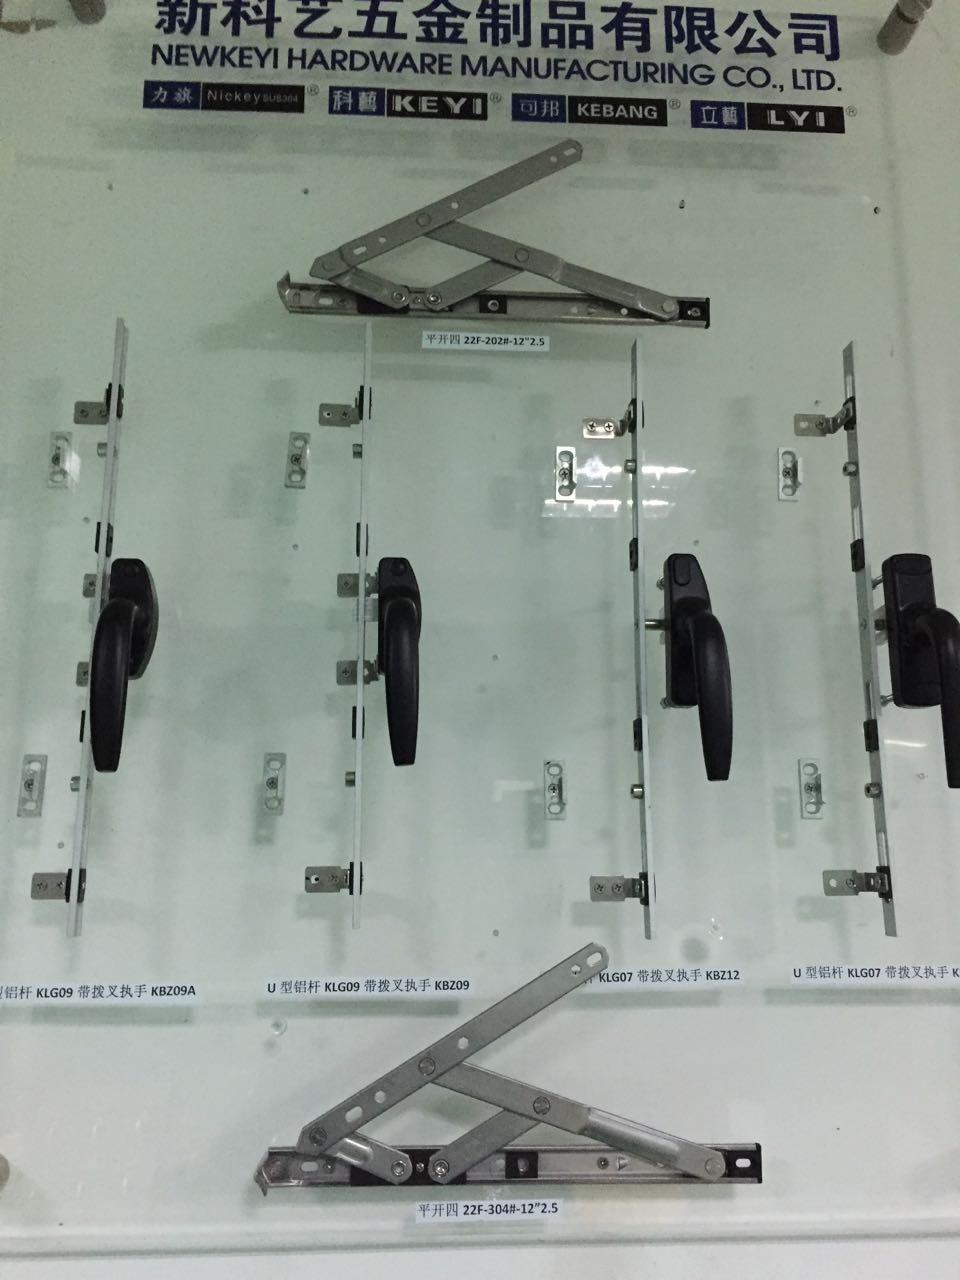 来自谭康义发布的供应信息:专业生产8-36寸不锈钢滑撑,价格优惠。... - 高要市新科艺五金制品有限公司